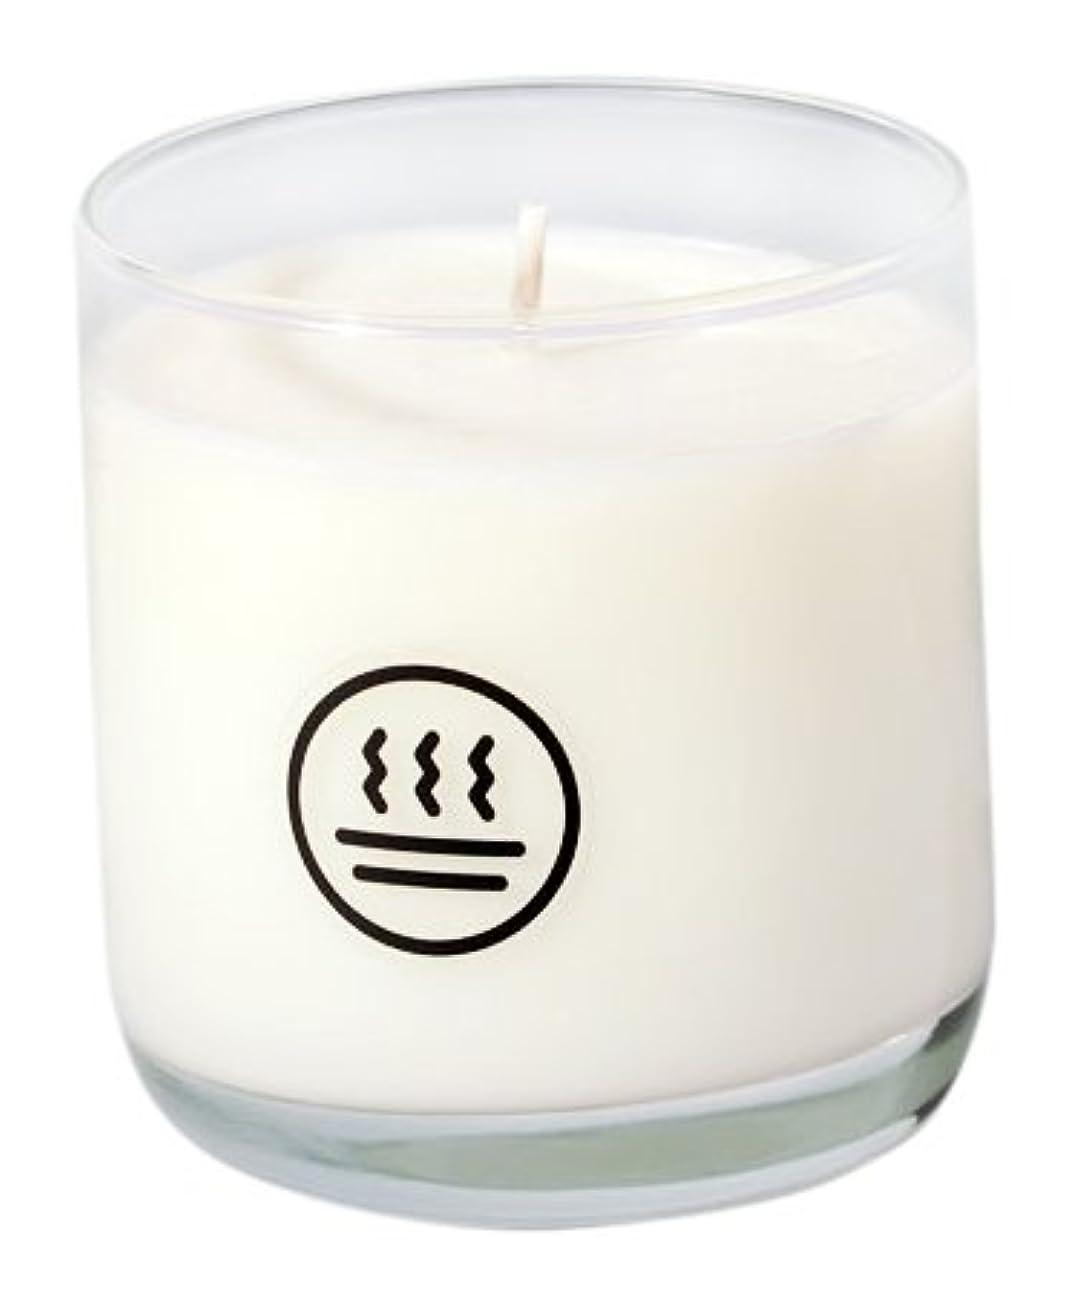 甘味文明化ユダヤ人Keap Hot Springs scented candle, made with coconut wax - 7.4Oz each